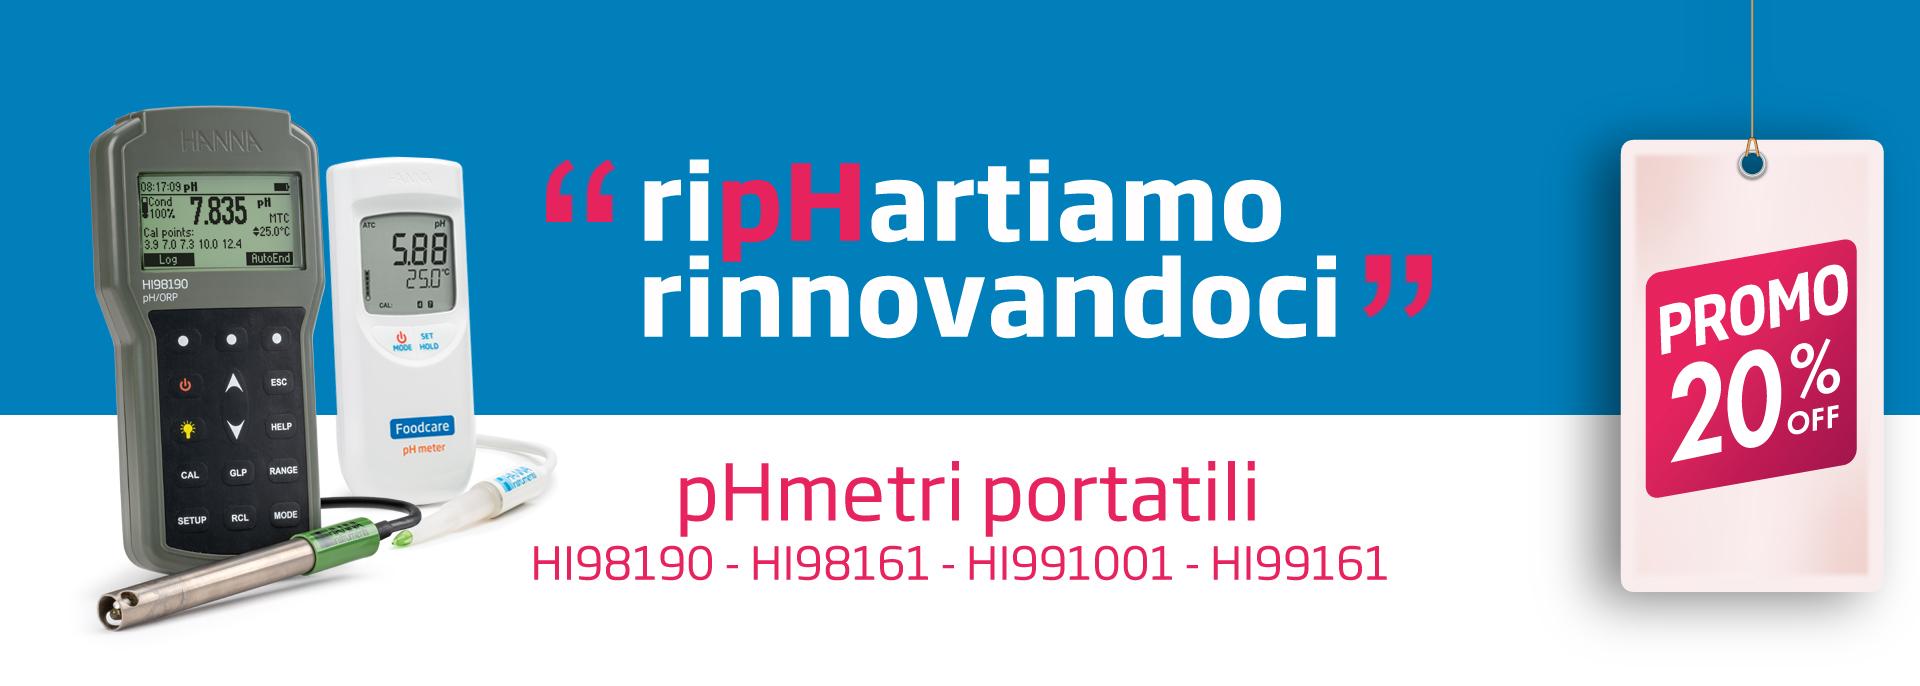 RipHartiamo Rinnovandoci promozione pHmetri portatili